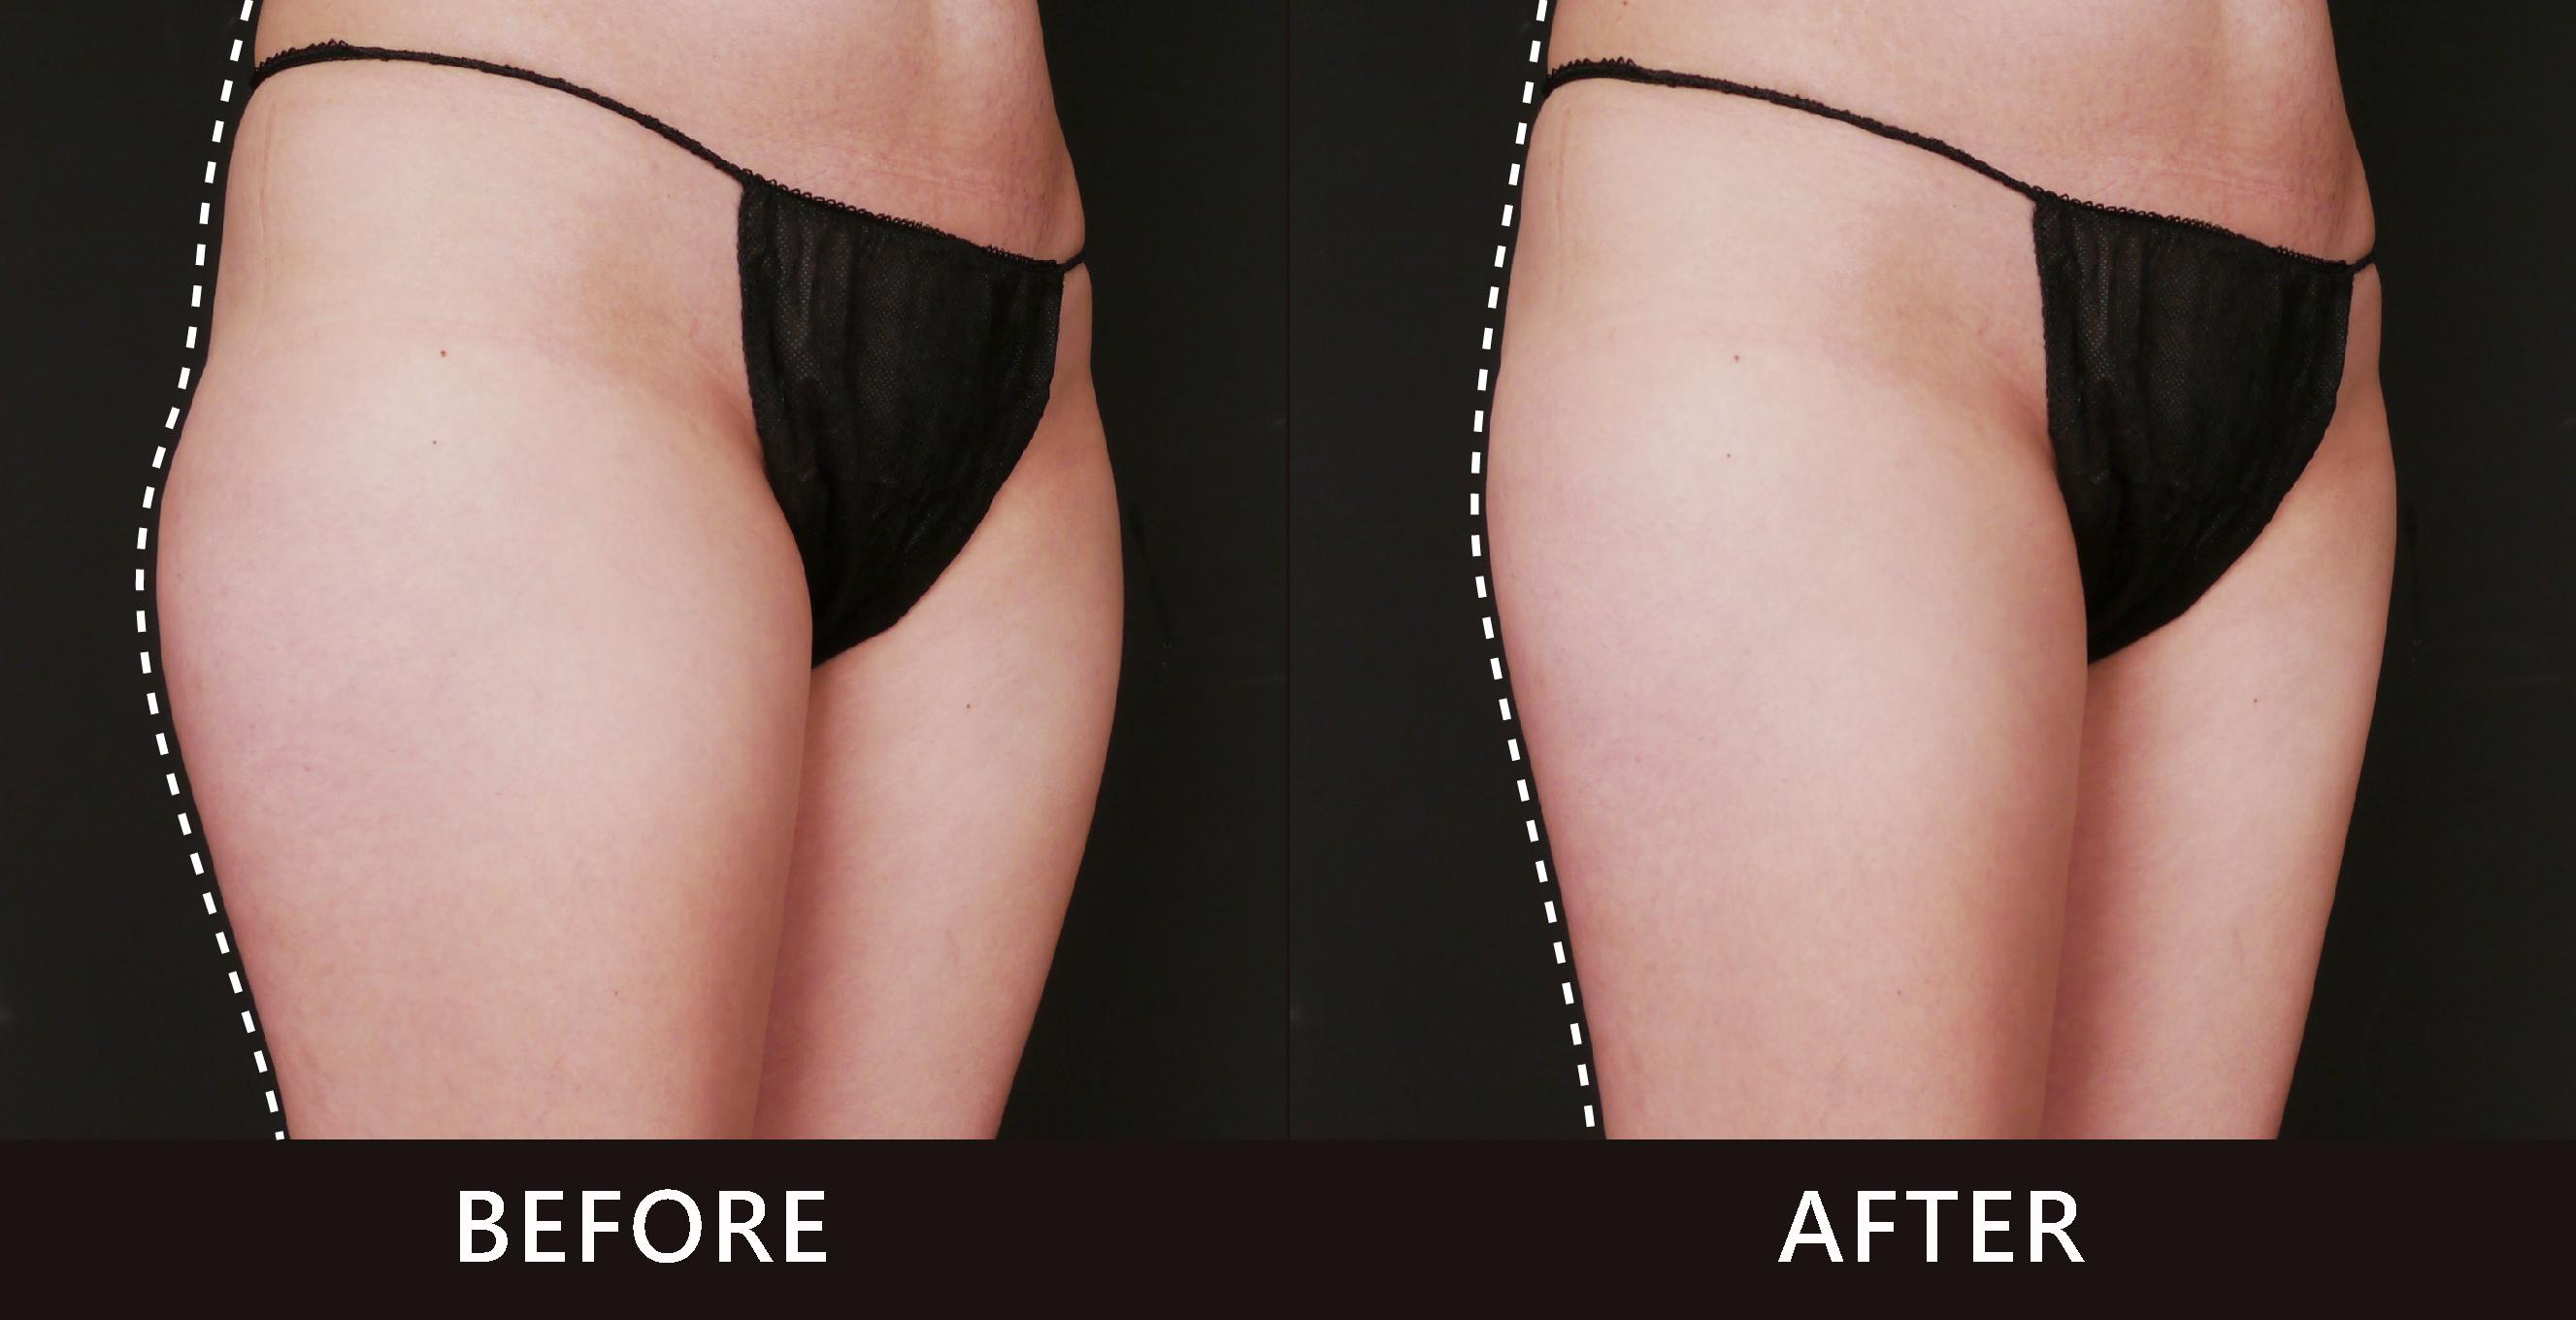 療程後,大腿外側線條變直了,褲子直接小一號(效果因個案而異)